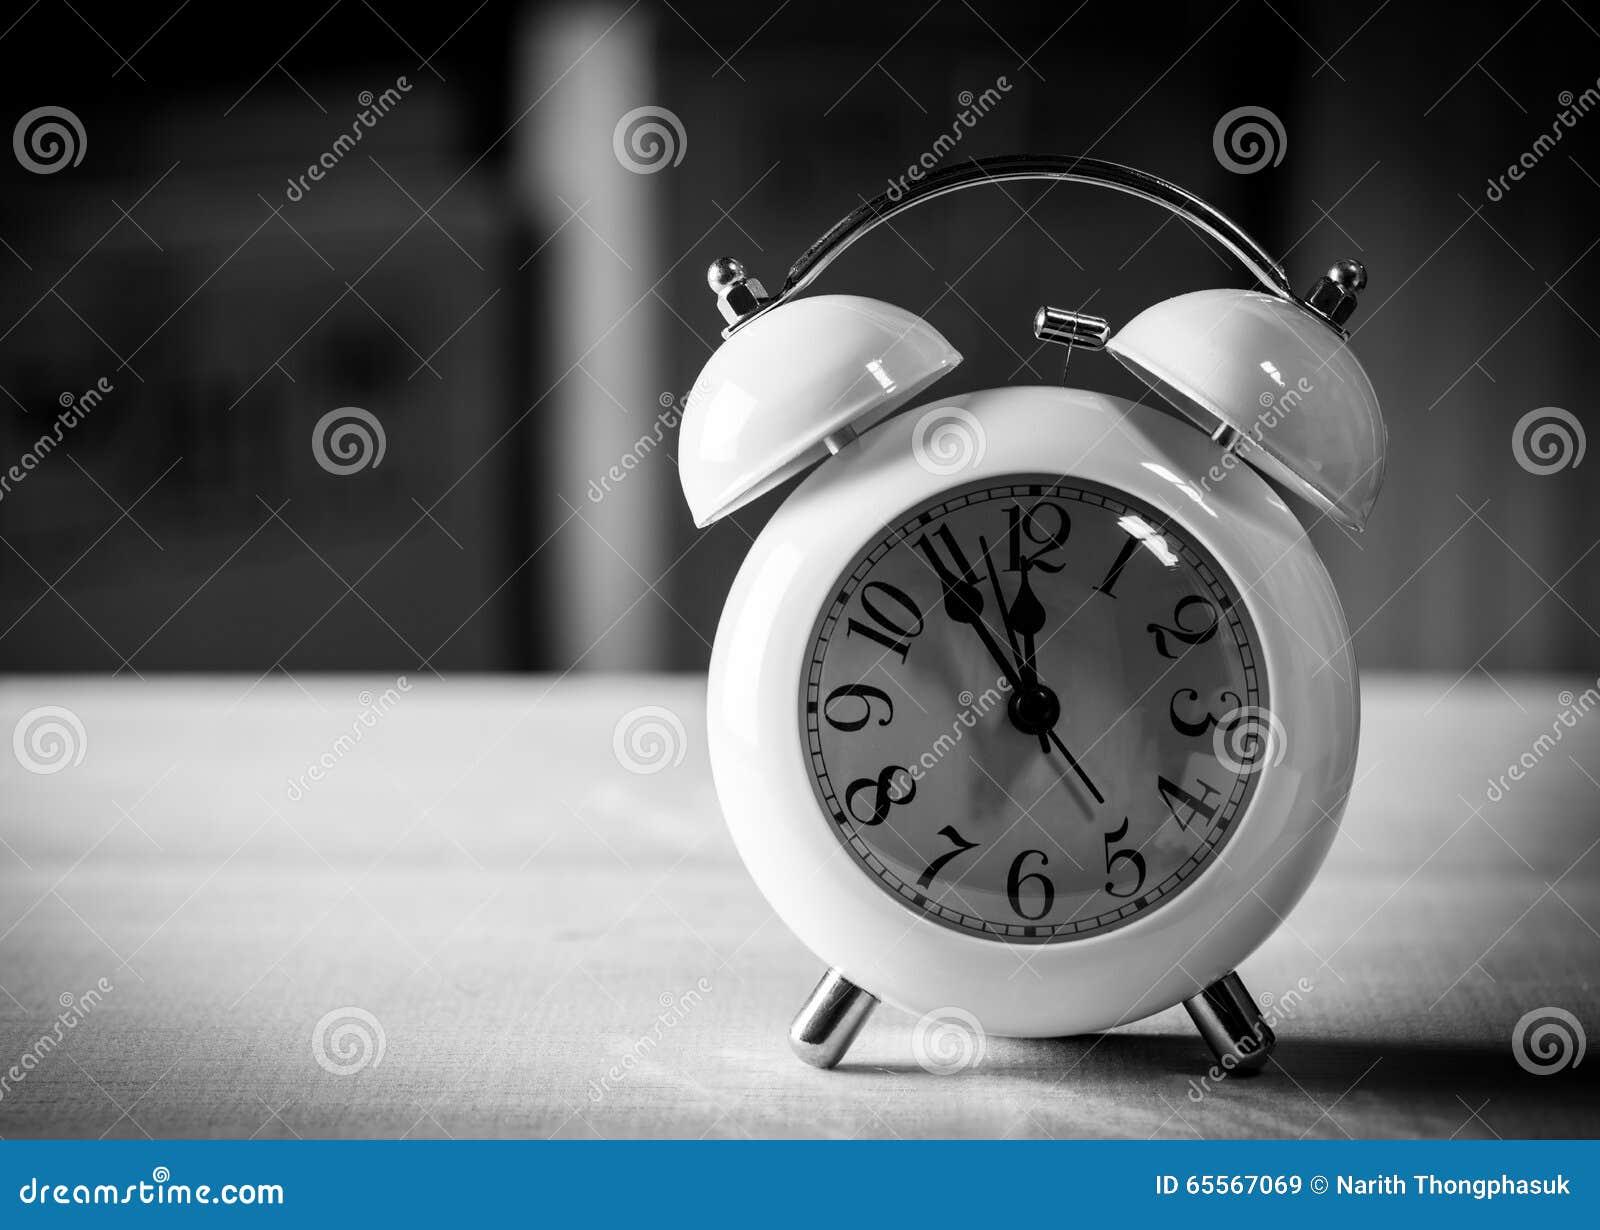 Sveglia sul pavimento in bianco e nero immagine stock for Pavimento bianco e nero